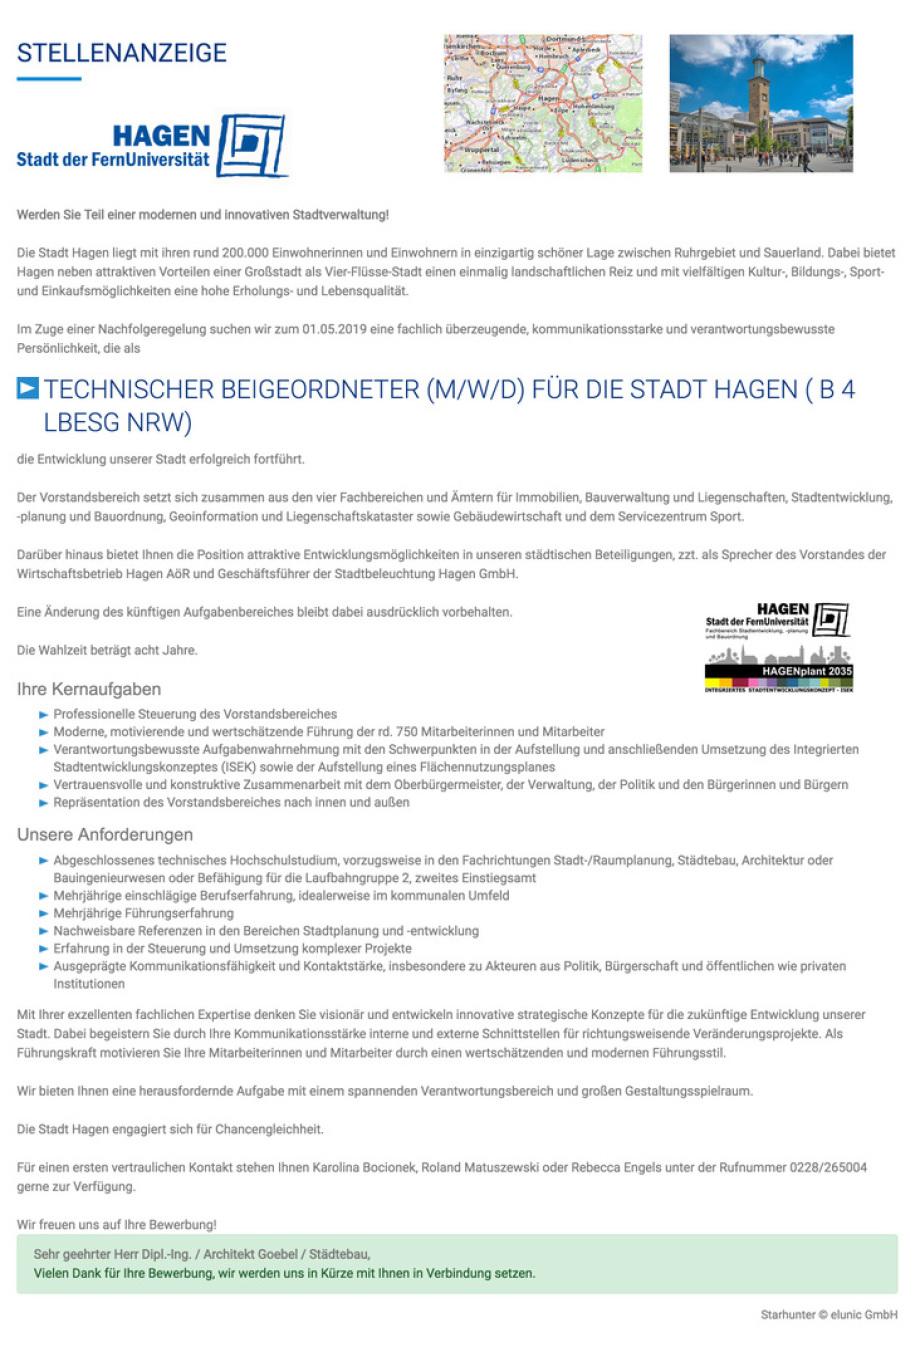 Stellenangebot technischer Beigeordneter für die Stadt Hagen - Bewerber Volker Goebel